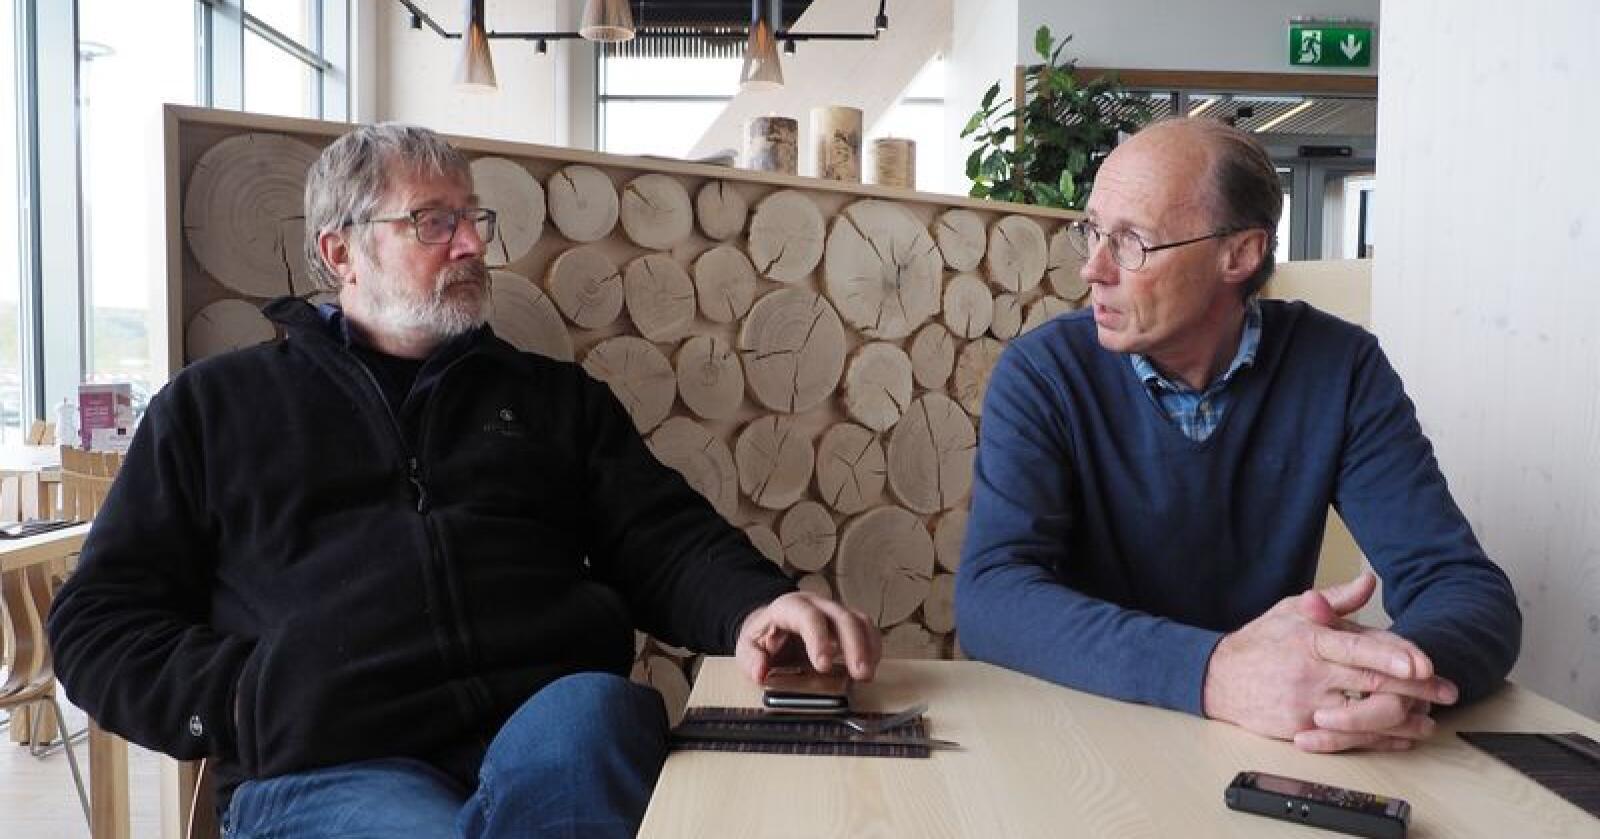 Styreleder i Glommen Skog, Ole Theodor Holth, og Terje Uggen, styreleder i Mjøsen Skog, arbeider for en fusjon av skogeierlagene. Siri Juell Rasmussen